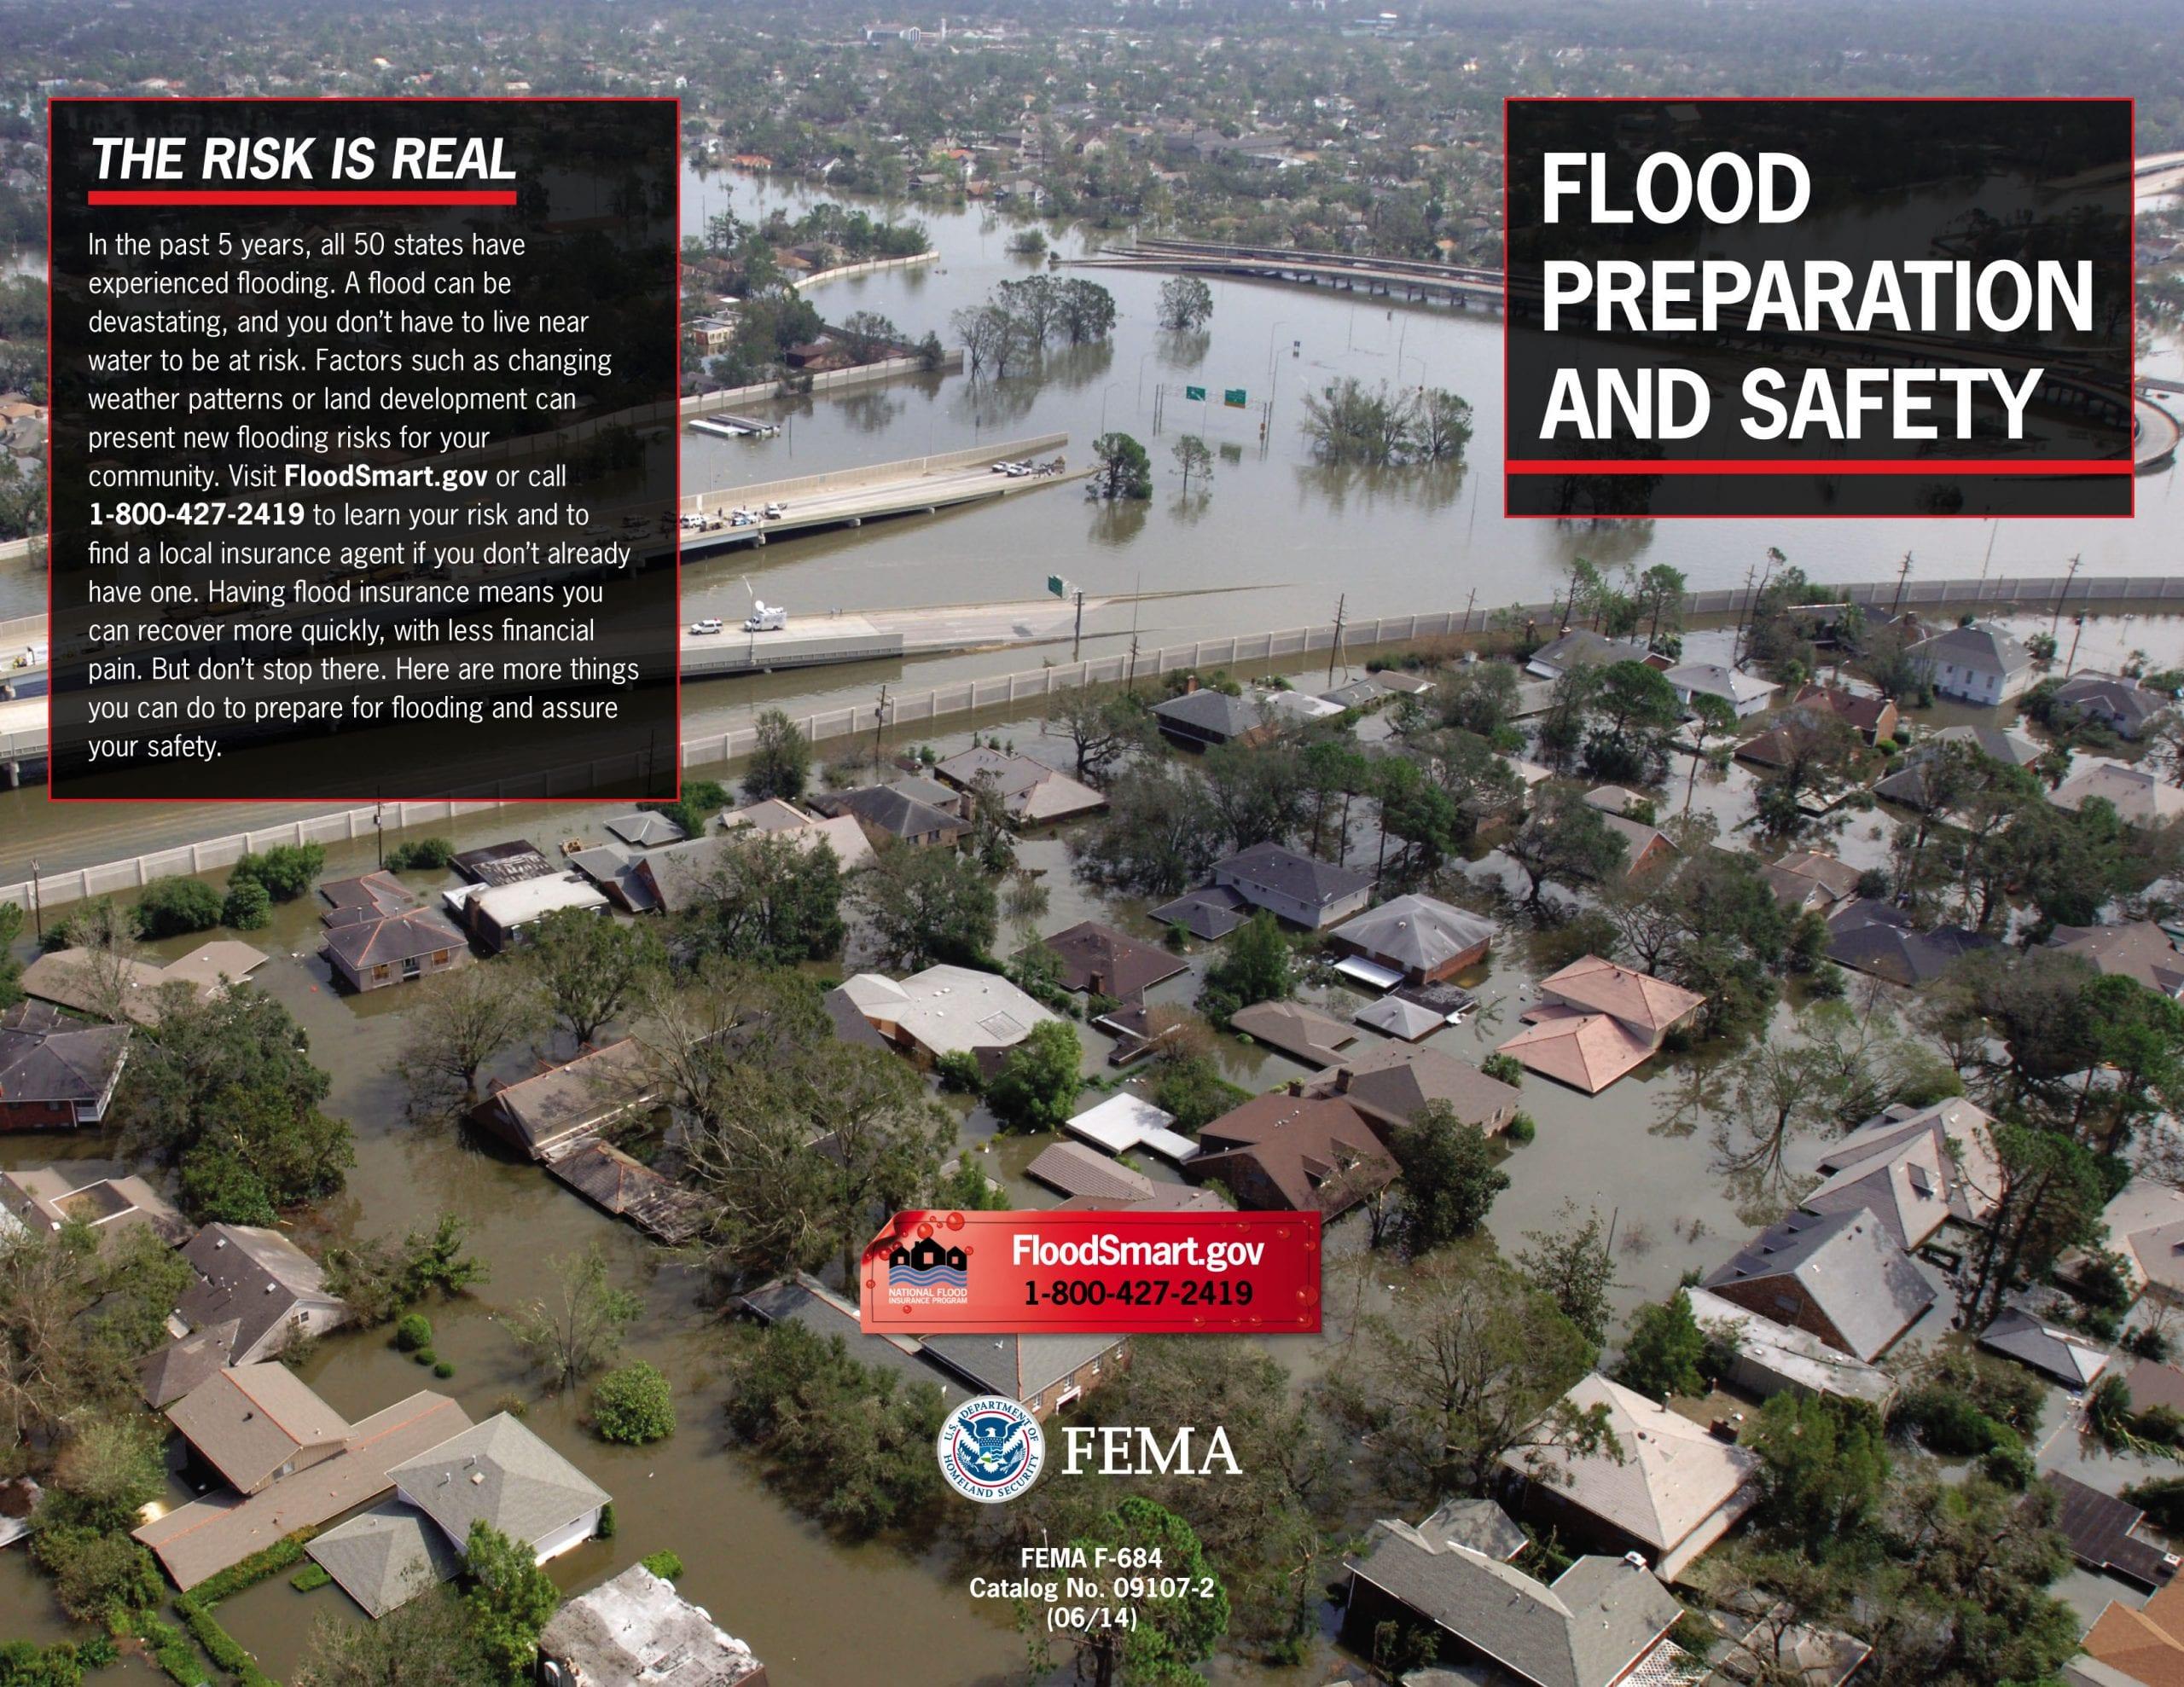 Photo courtesy of FEMA.